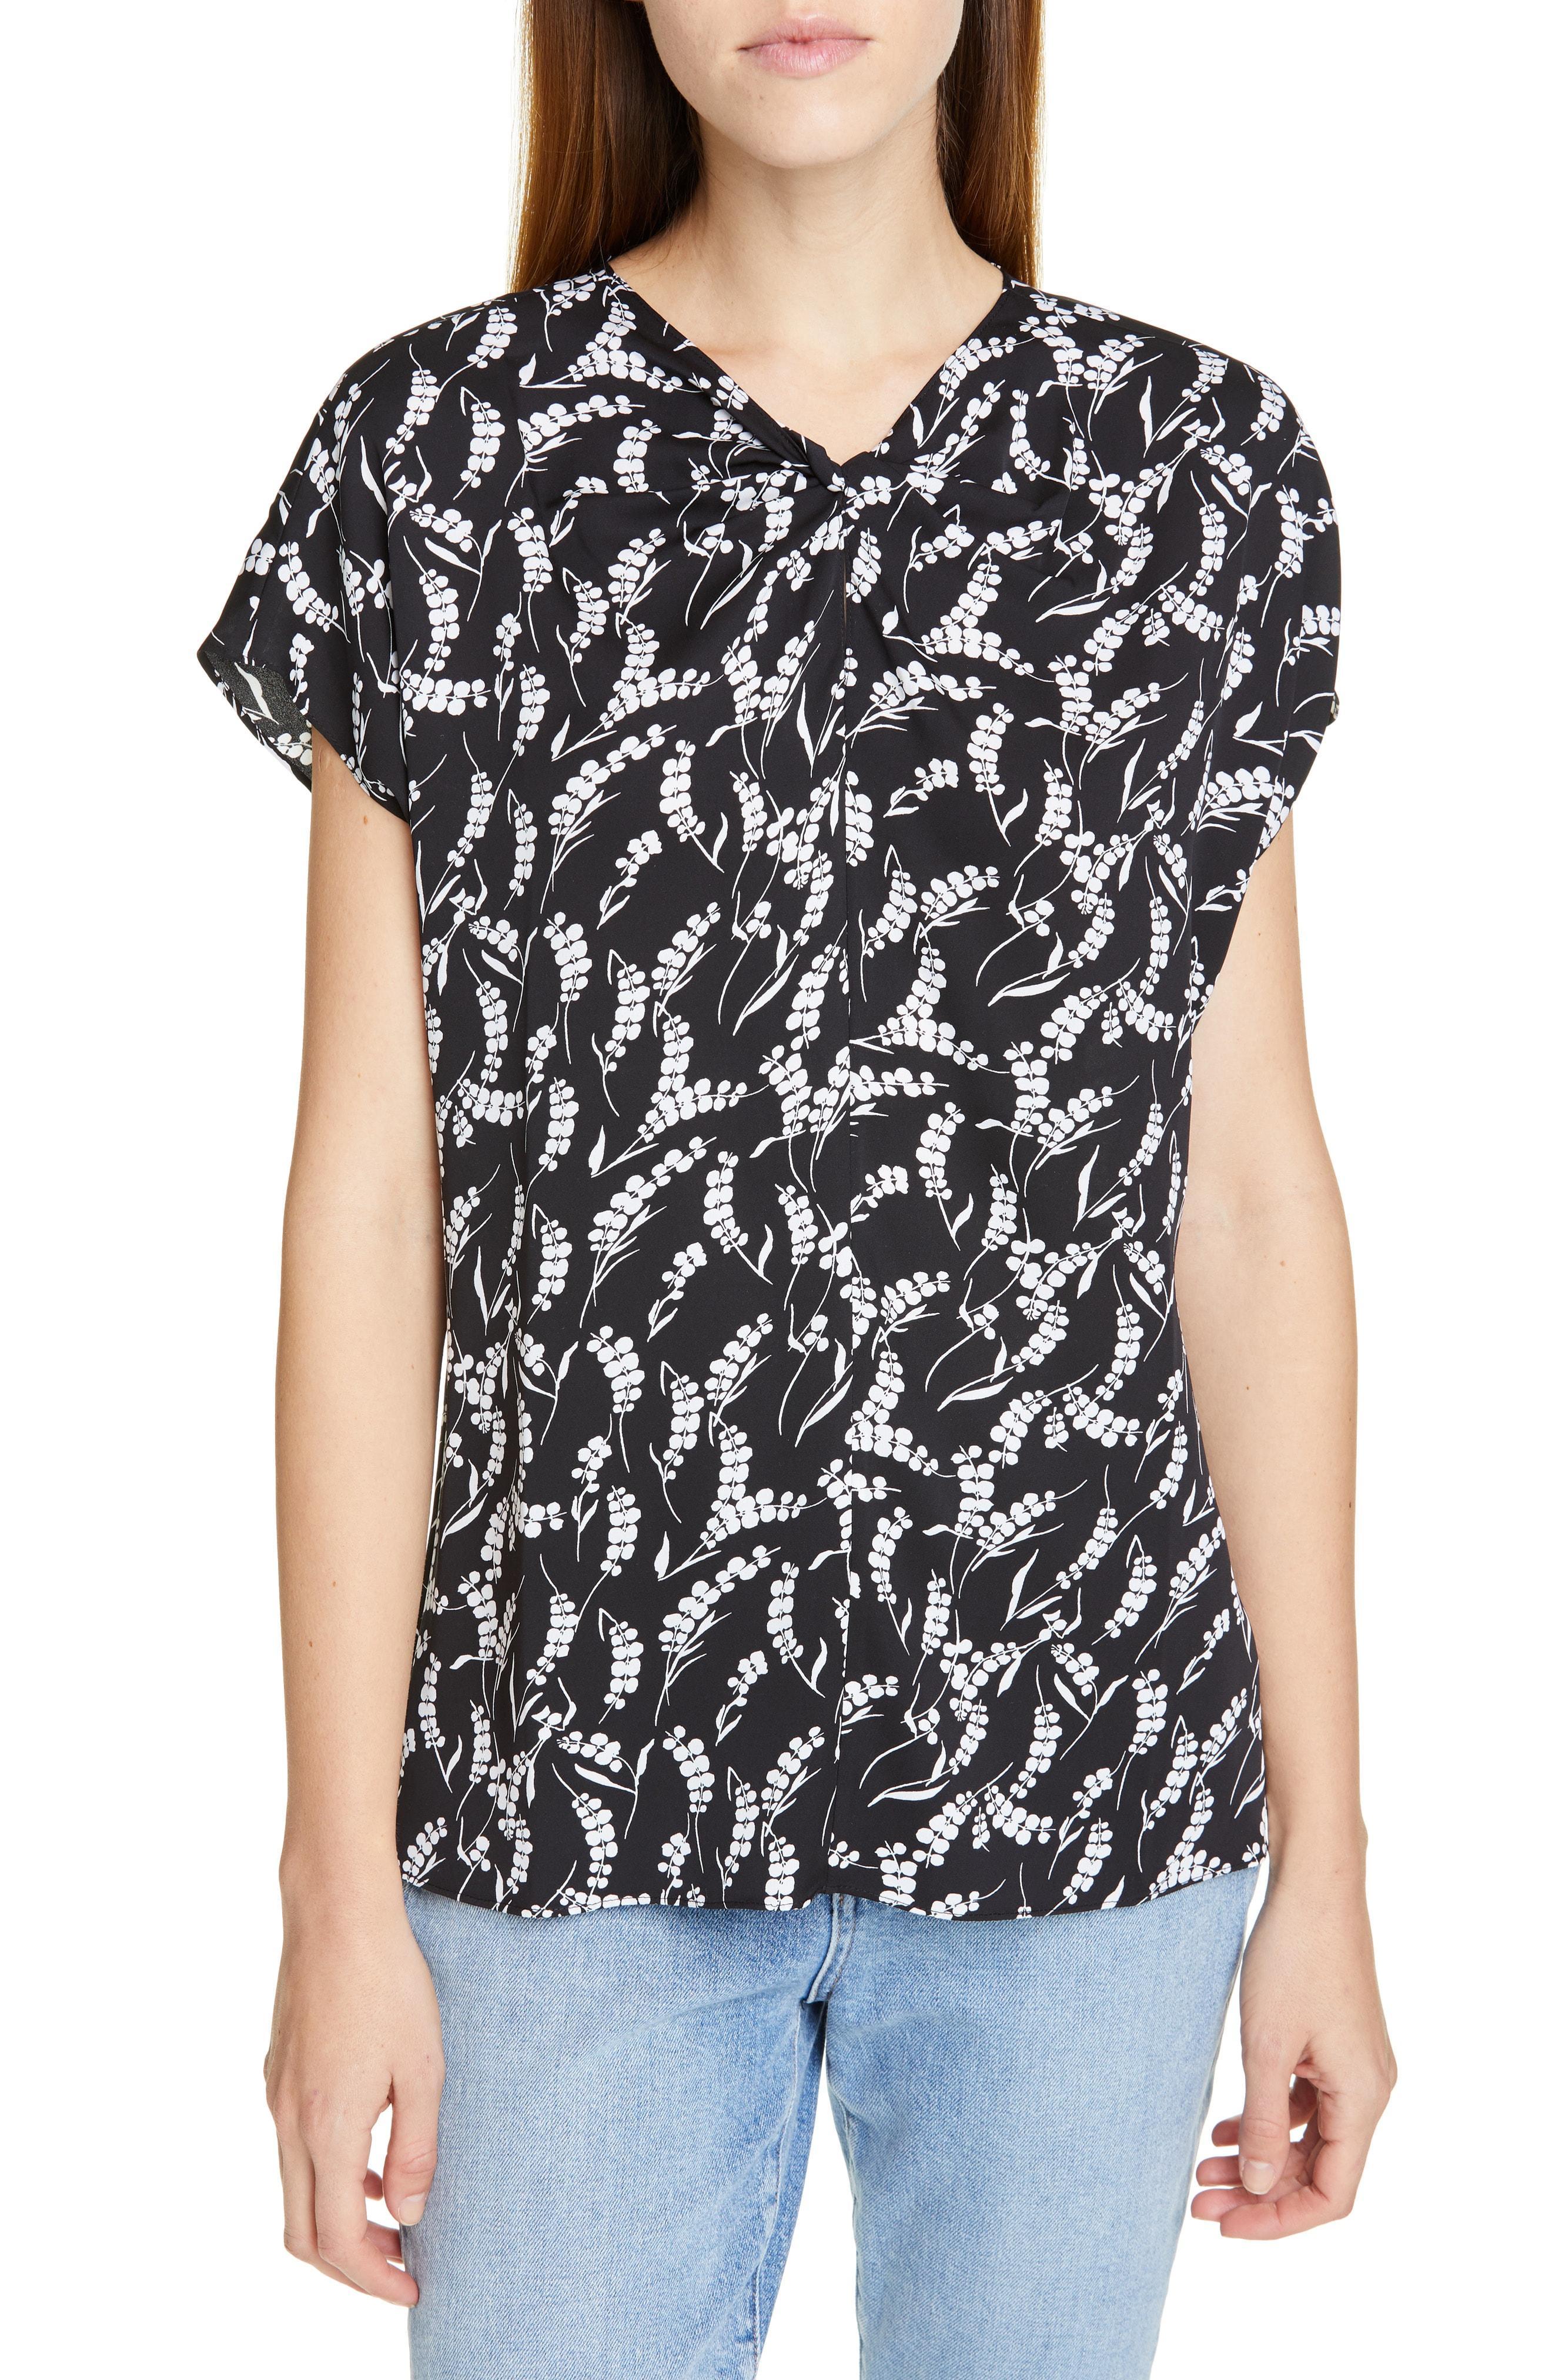 711ae84f1afe64 Lyst - LEWIT Print Twist Neck Top in Black